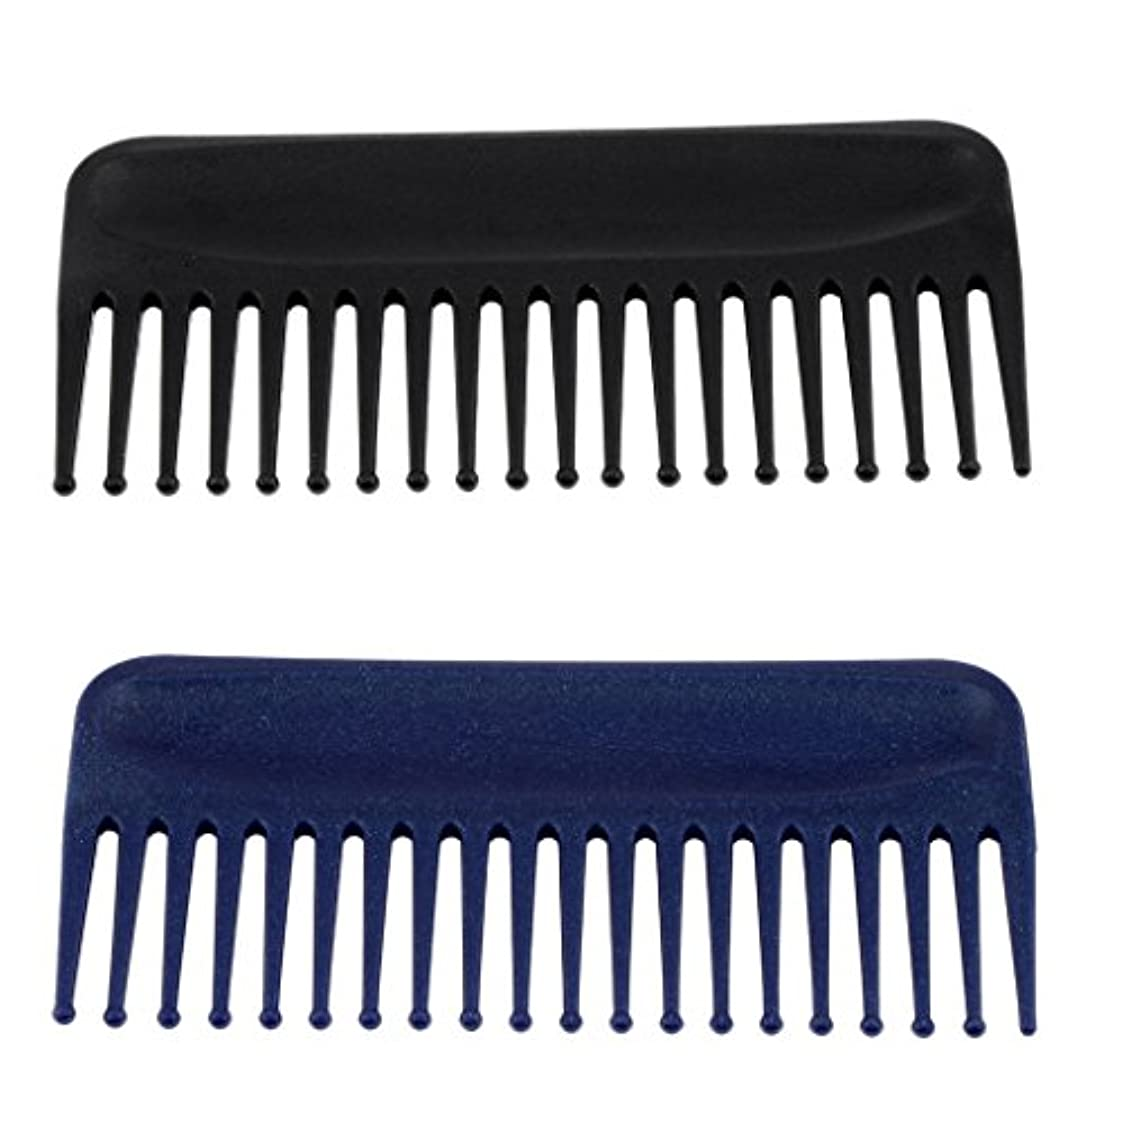 摂氏通り用量Toygogo 2x広い歯の櫛、帯電防止の耐熱性、もつれのくし、長いぬれた髪の毛のためのデタングラーの毛の櫛は巻き毛をまっすぐにします